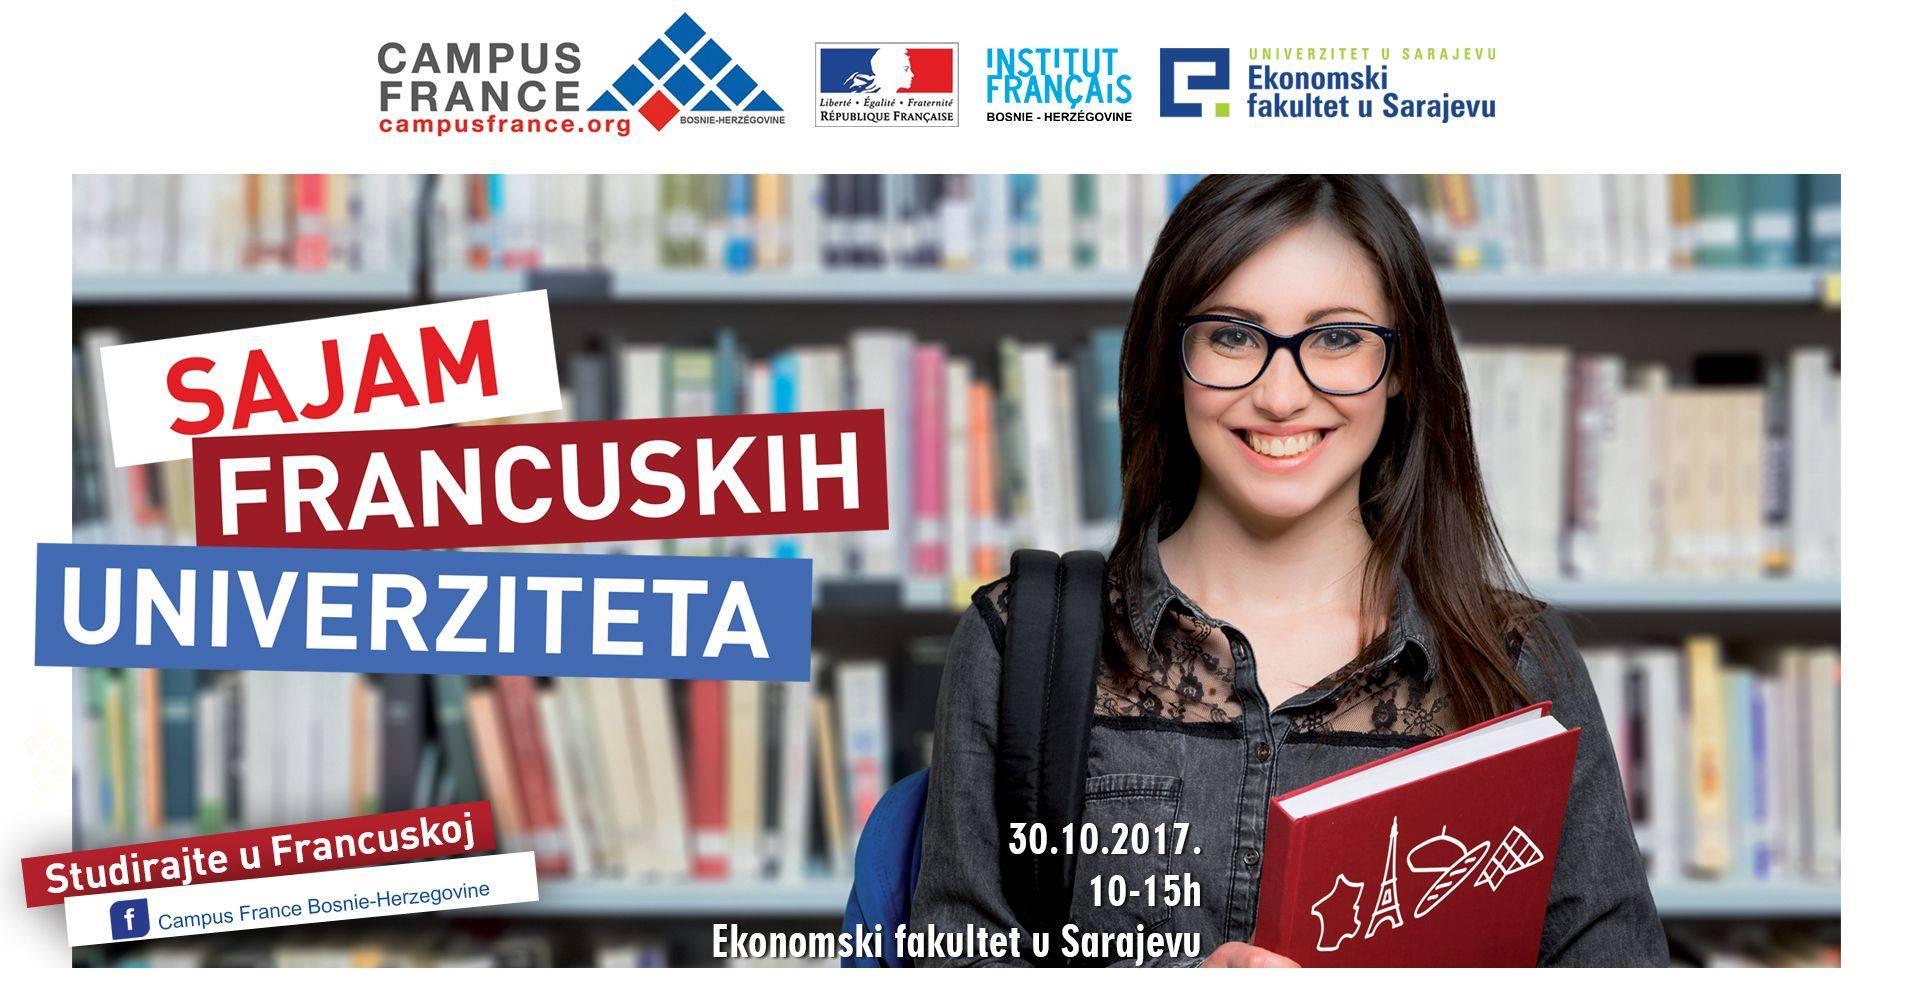 Sajam francuskih univerziteta: Studirajte u Francuskoj